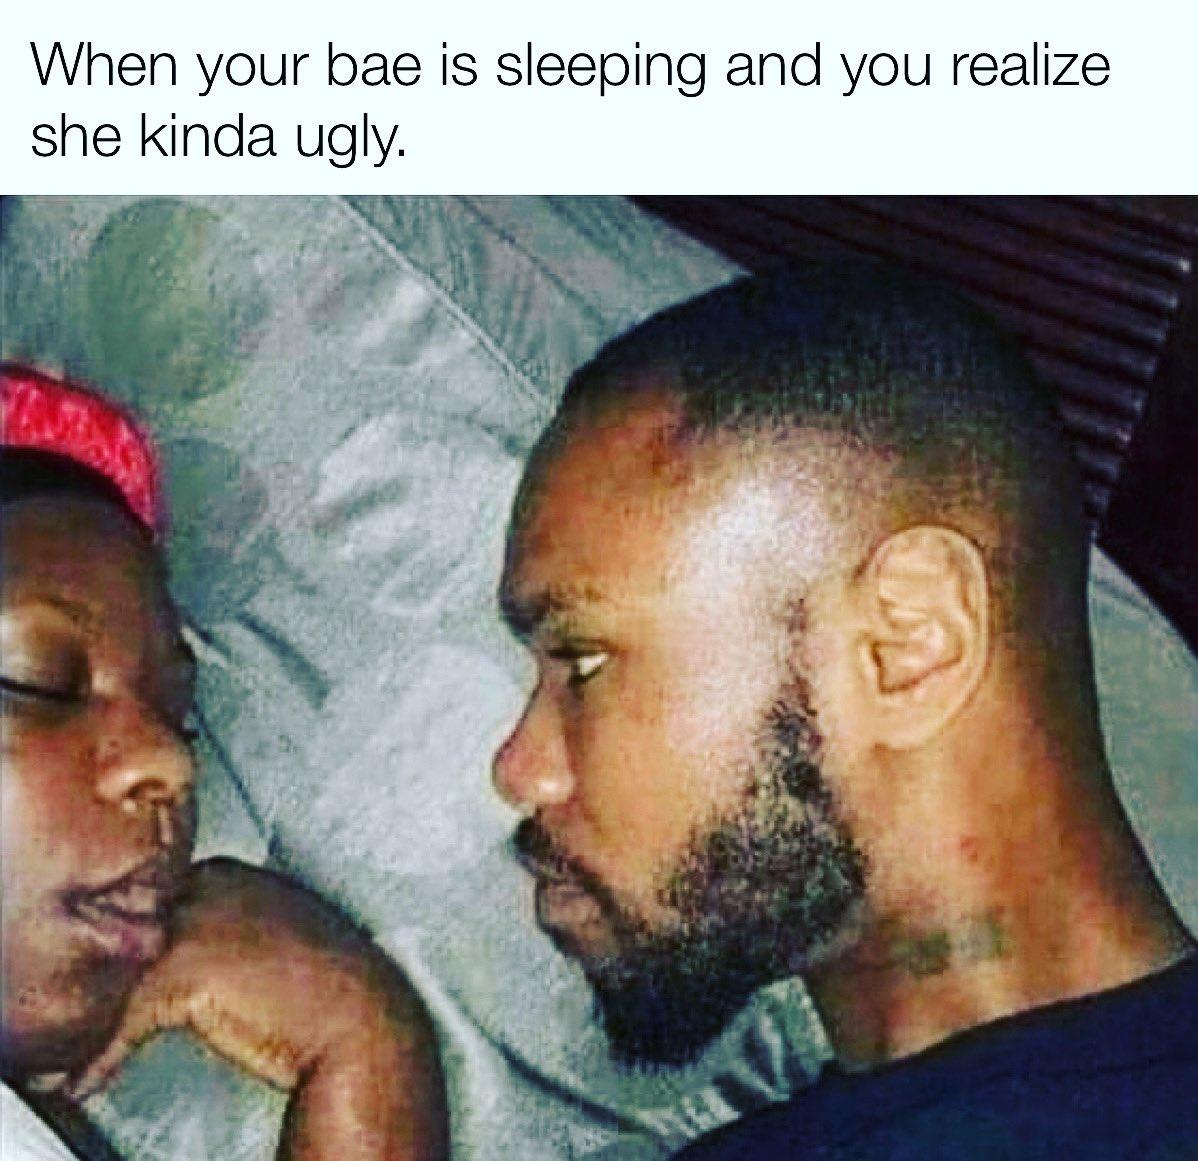 Late at night and cant sleep.#memezlab #memes #meme #memes#memesdaily #dankmemes #memez #memer #memepage #memed #memelife #memestar #memereview #memestagram #memesquad #memeaccount #memelord #memess #memegod #memesrlife #memes4days #memeoftheday #memester #memesfordayspic.twitter.com/emWHr9VnmB